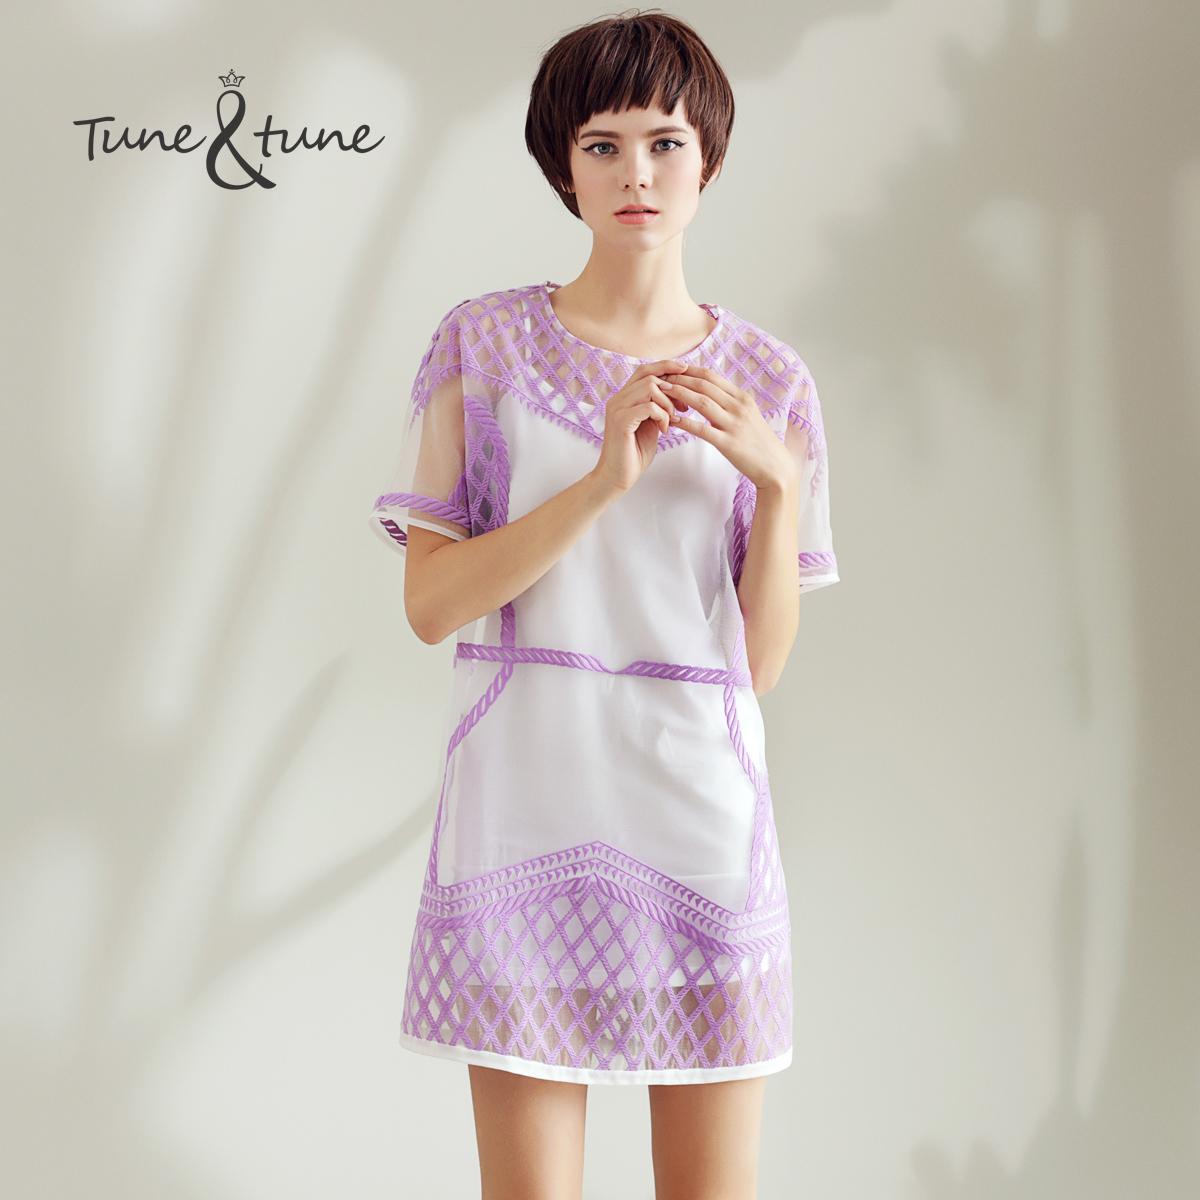 все цены на  Женское платье Tune tune t52853 2015  онлайн